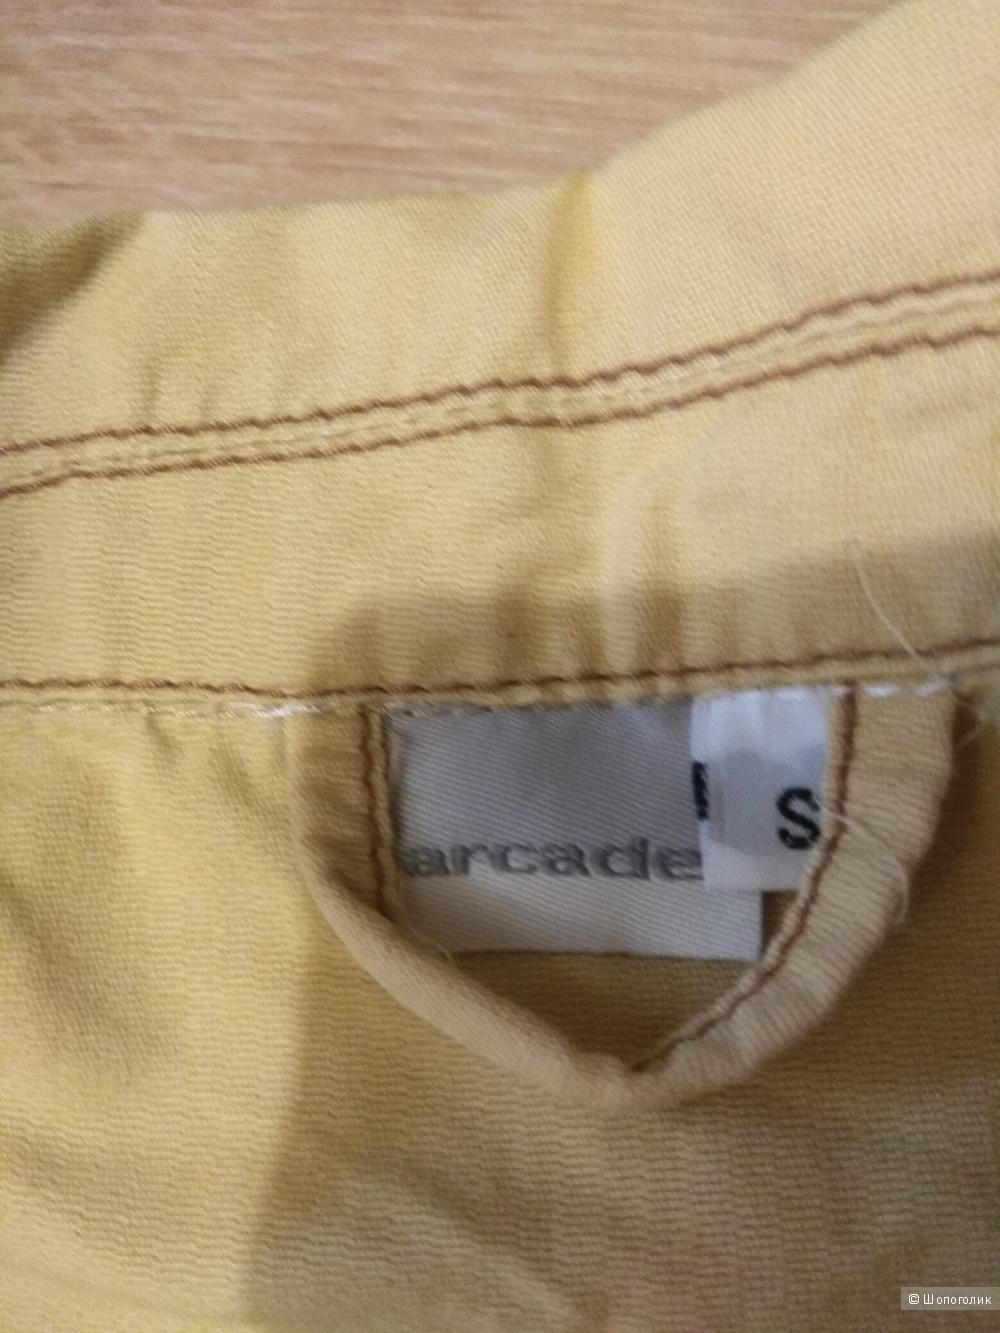 Жакет Arcade 42-44 маркировка S